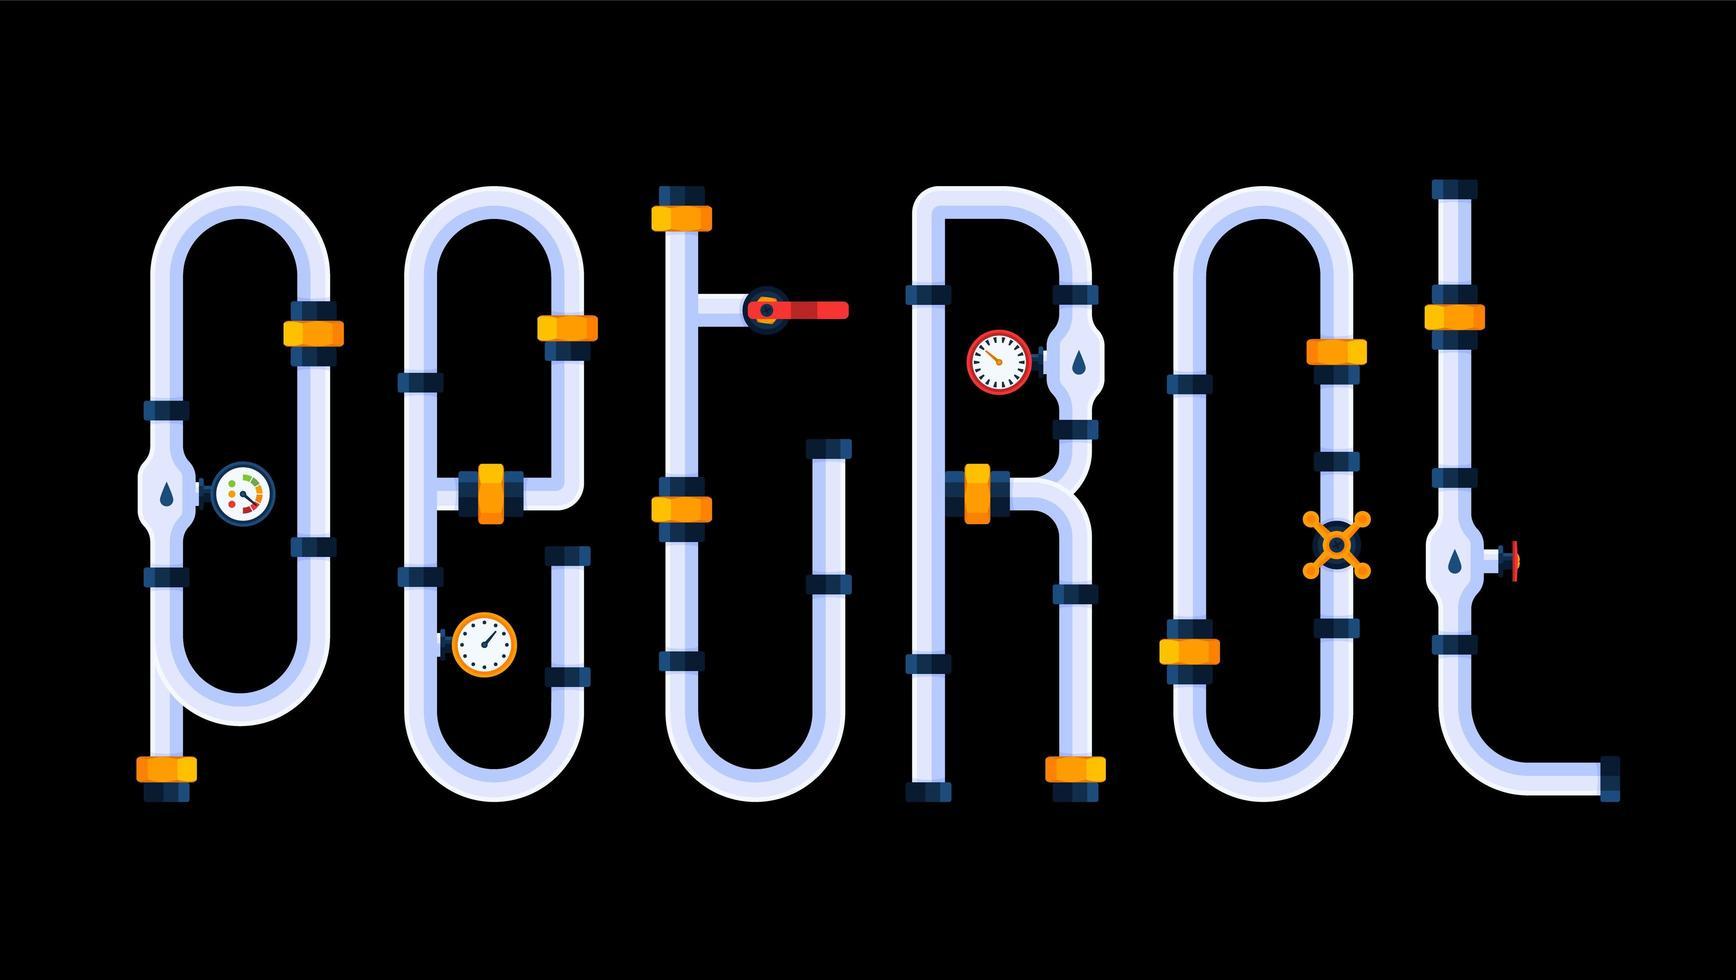 a gasolina é um conceito criativo. a palavra gasolina é feita em estilo de fonte de desenho animado em forma de tubos. vetor